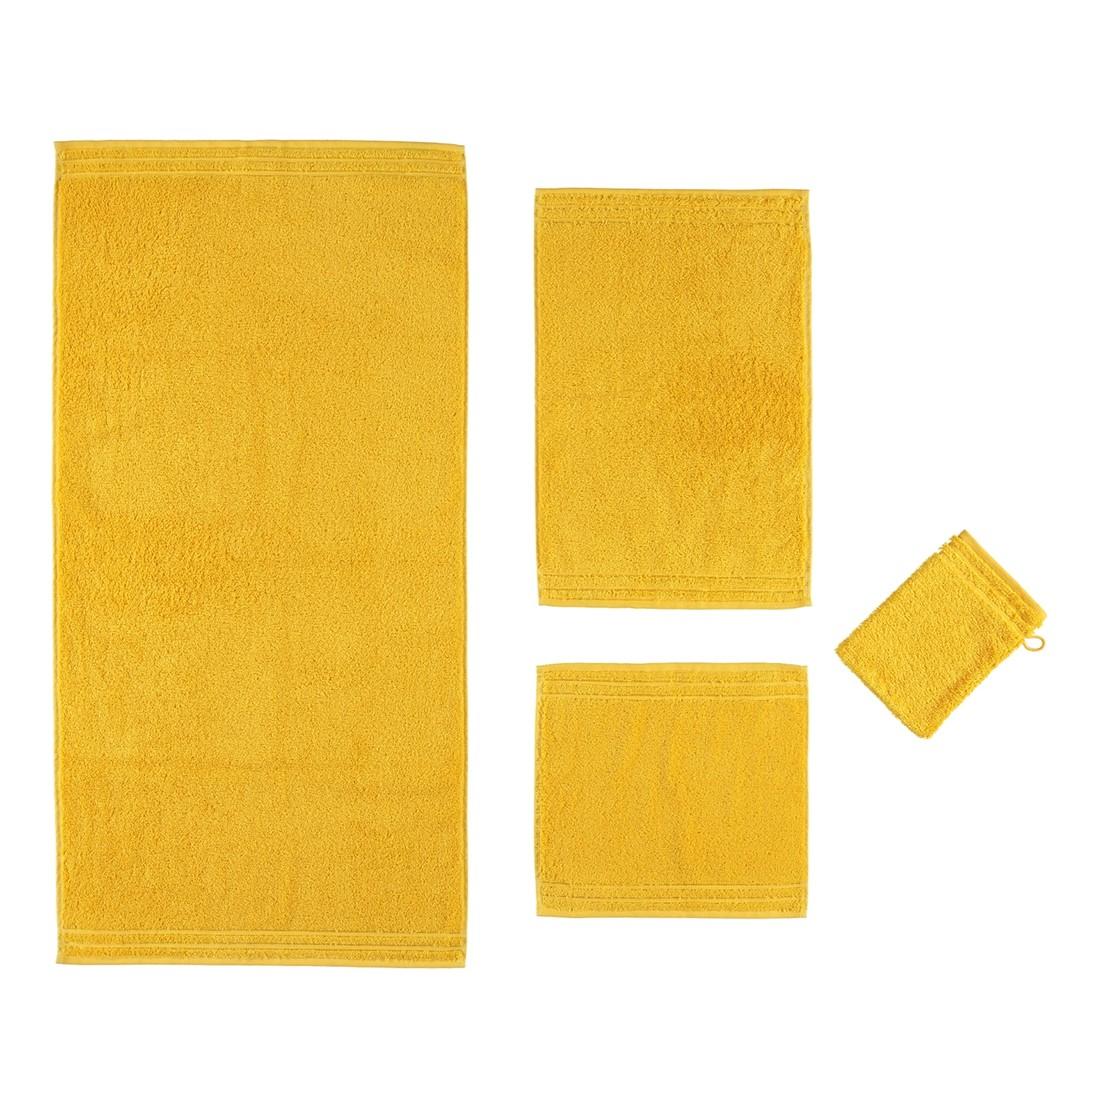 Handtuch Calypso Feeling – 100% Baumwolle safran – 180 – Handtuch: 50 x 100 cm, Vossen jetzt bestellen